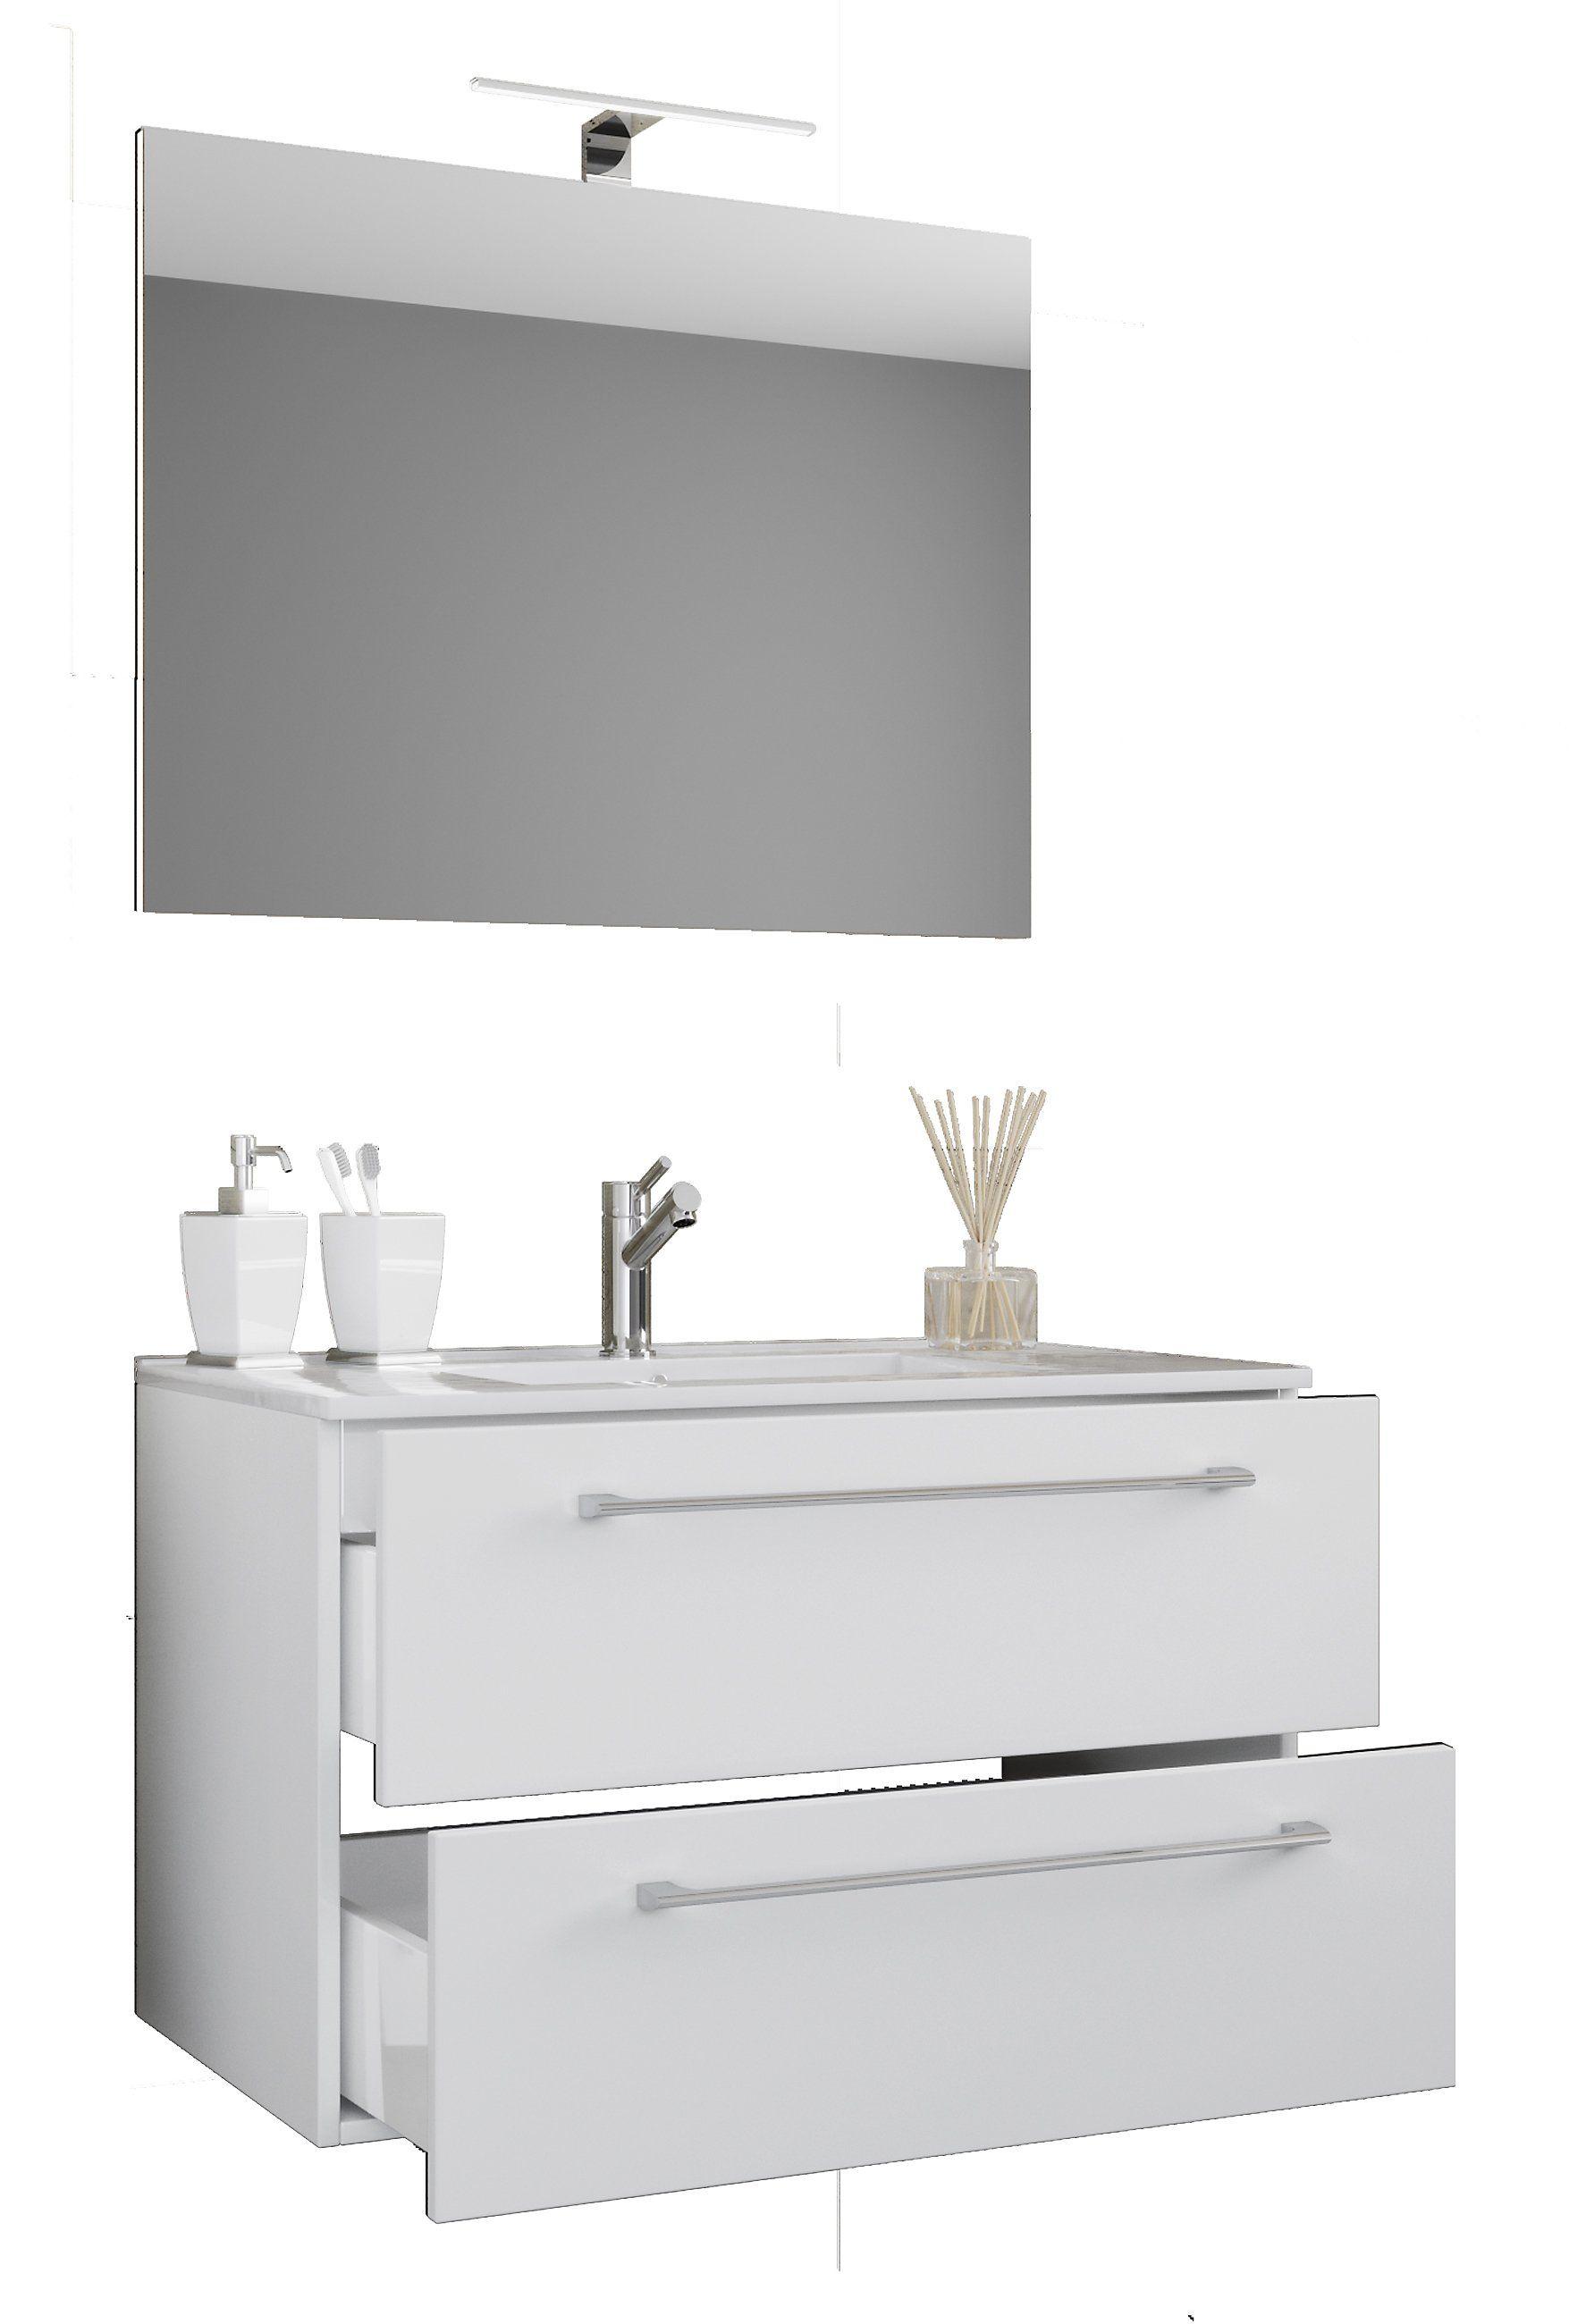 Badezimmer Unterschrank Schubladen In 2021 Badezimmer Badezimmer Unterschrank Unterschrank